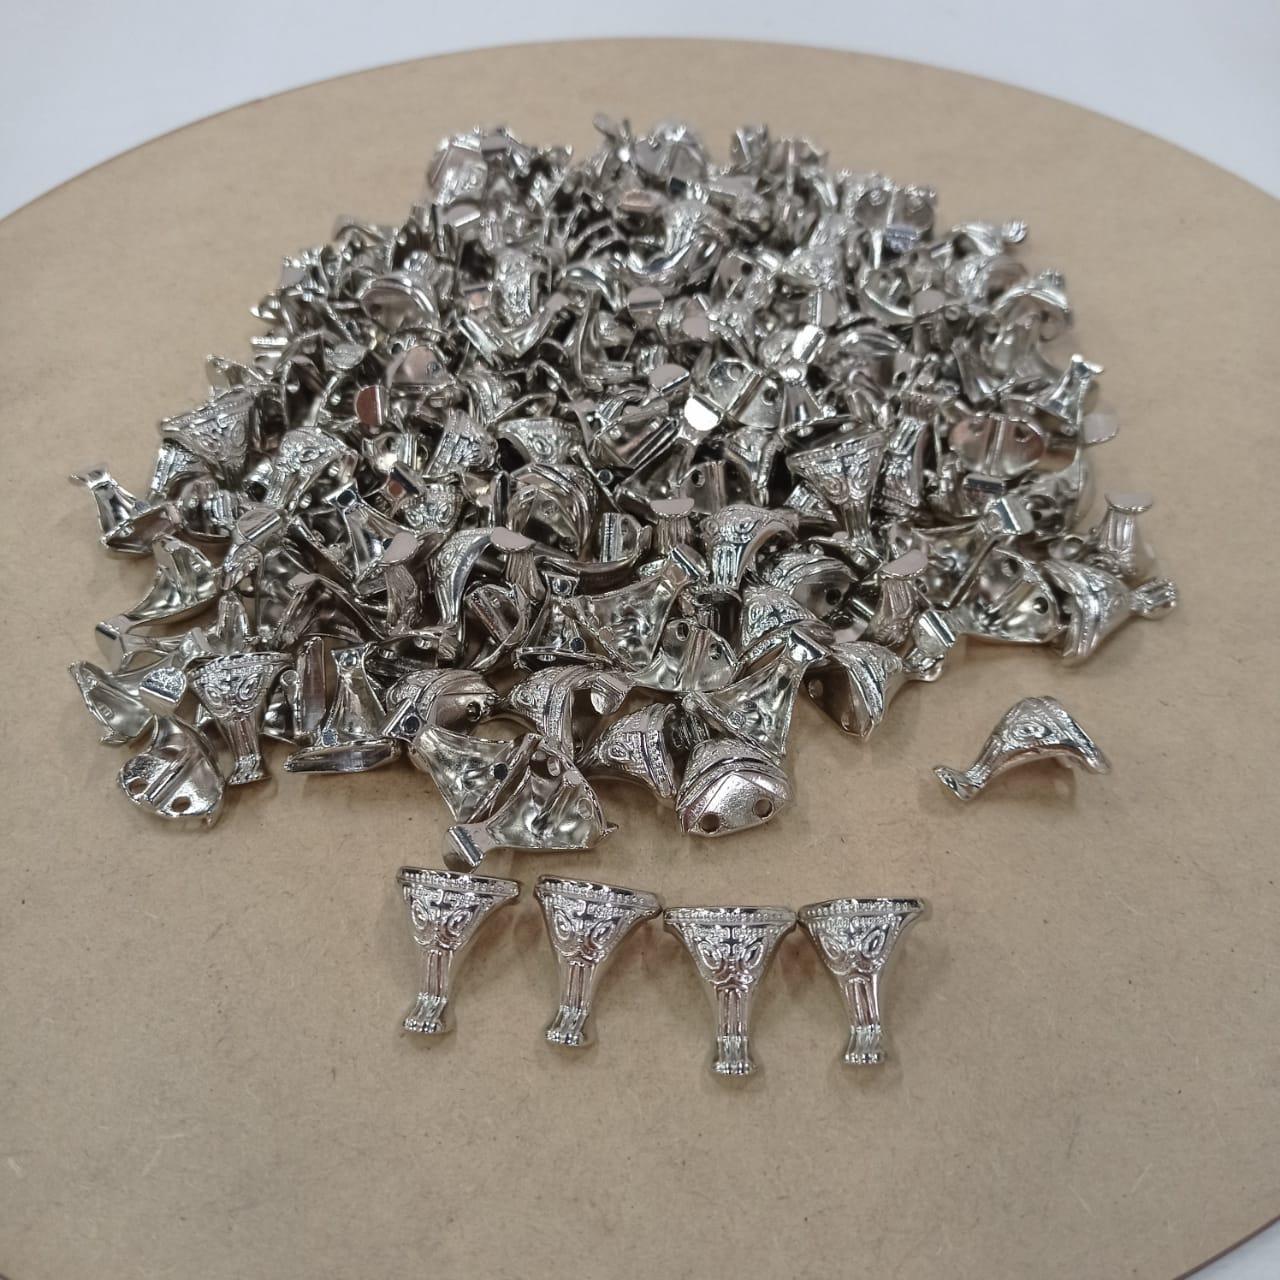 Kit 16 Pezinhos de Metal Tradicional Pequeno  para Caixas em MDF - Niquelado